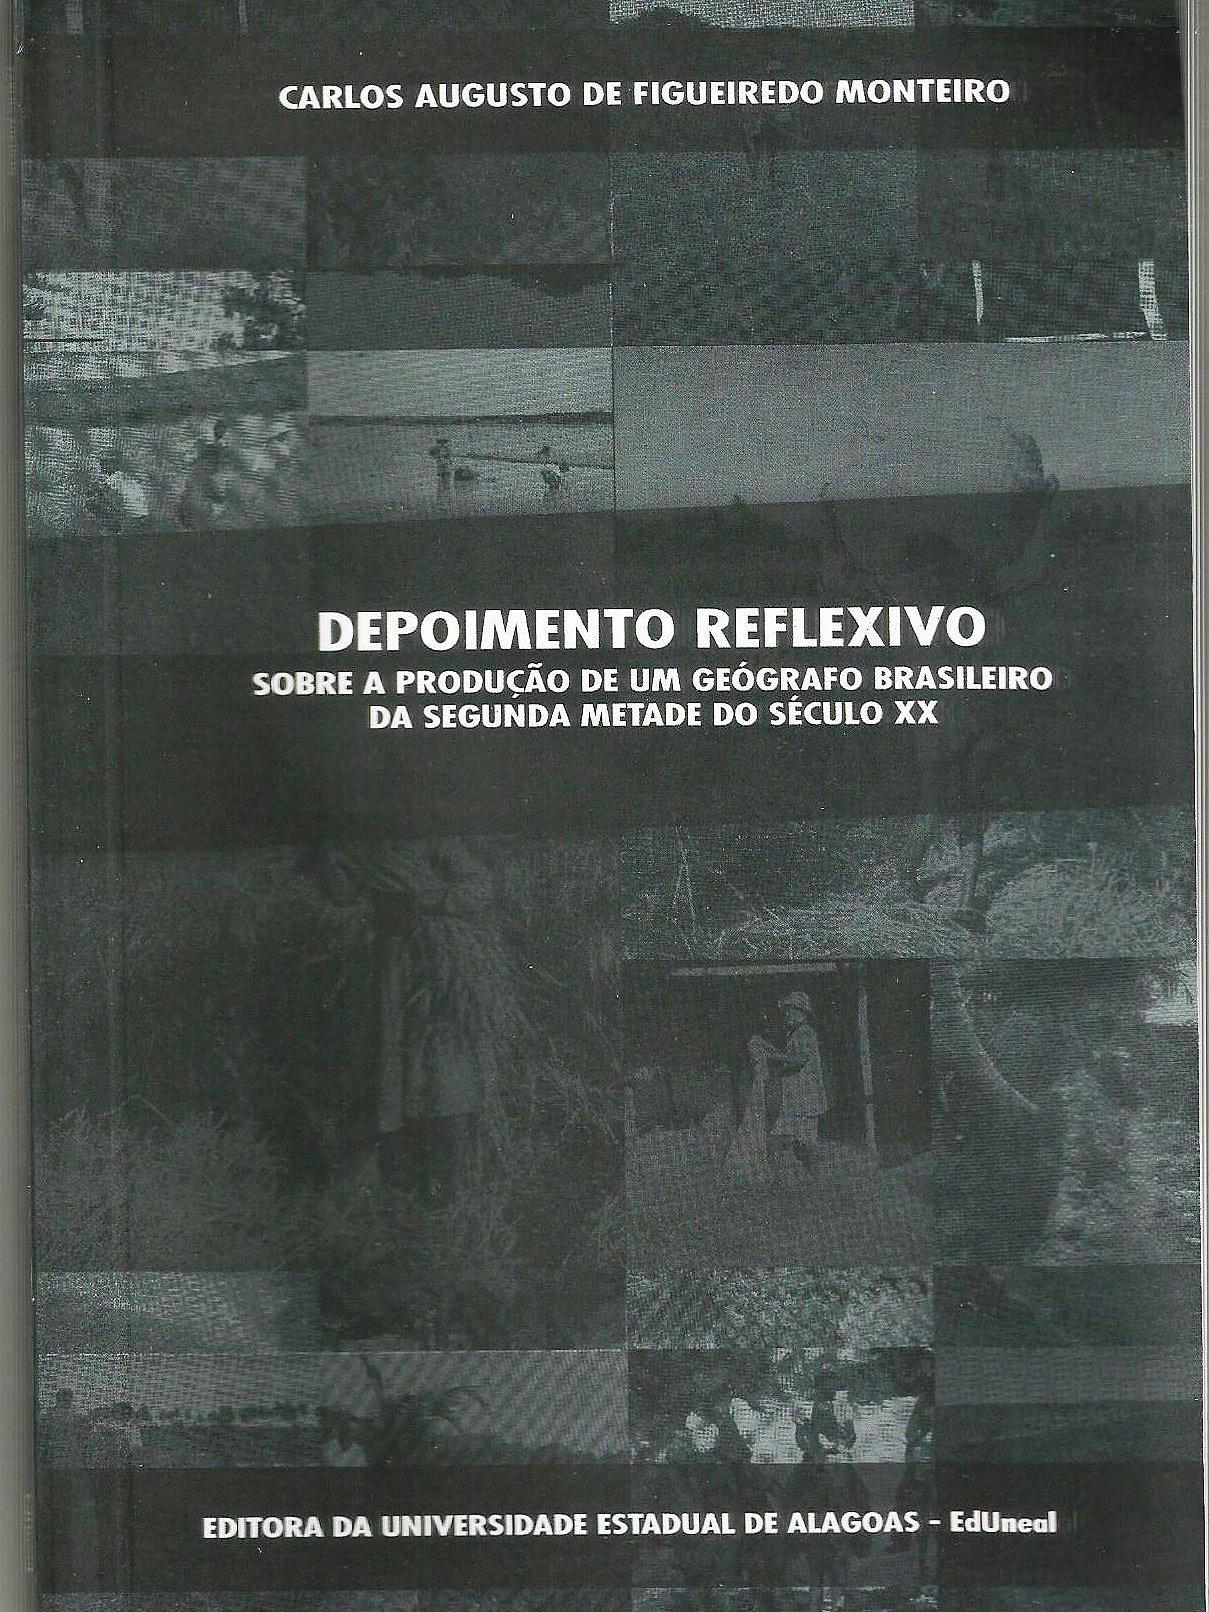 Depoimento reflexivo sobre a produção de um geógrafo brasileiro da segunda metade do século XX, livro de Carlos Augusto de Figueredo Monteiro